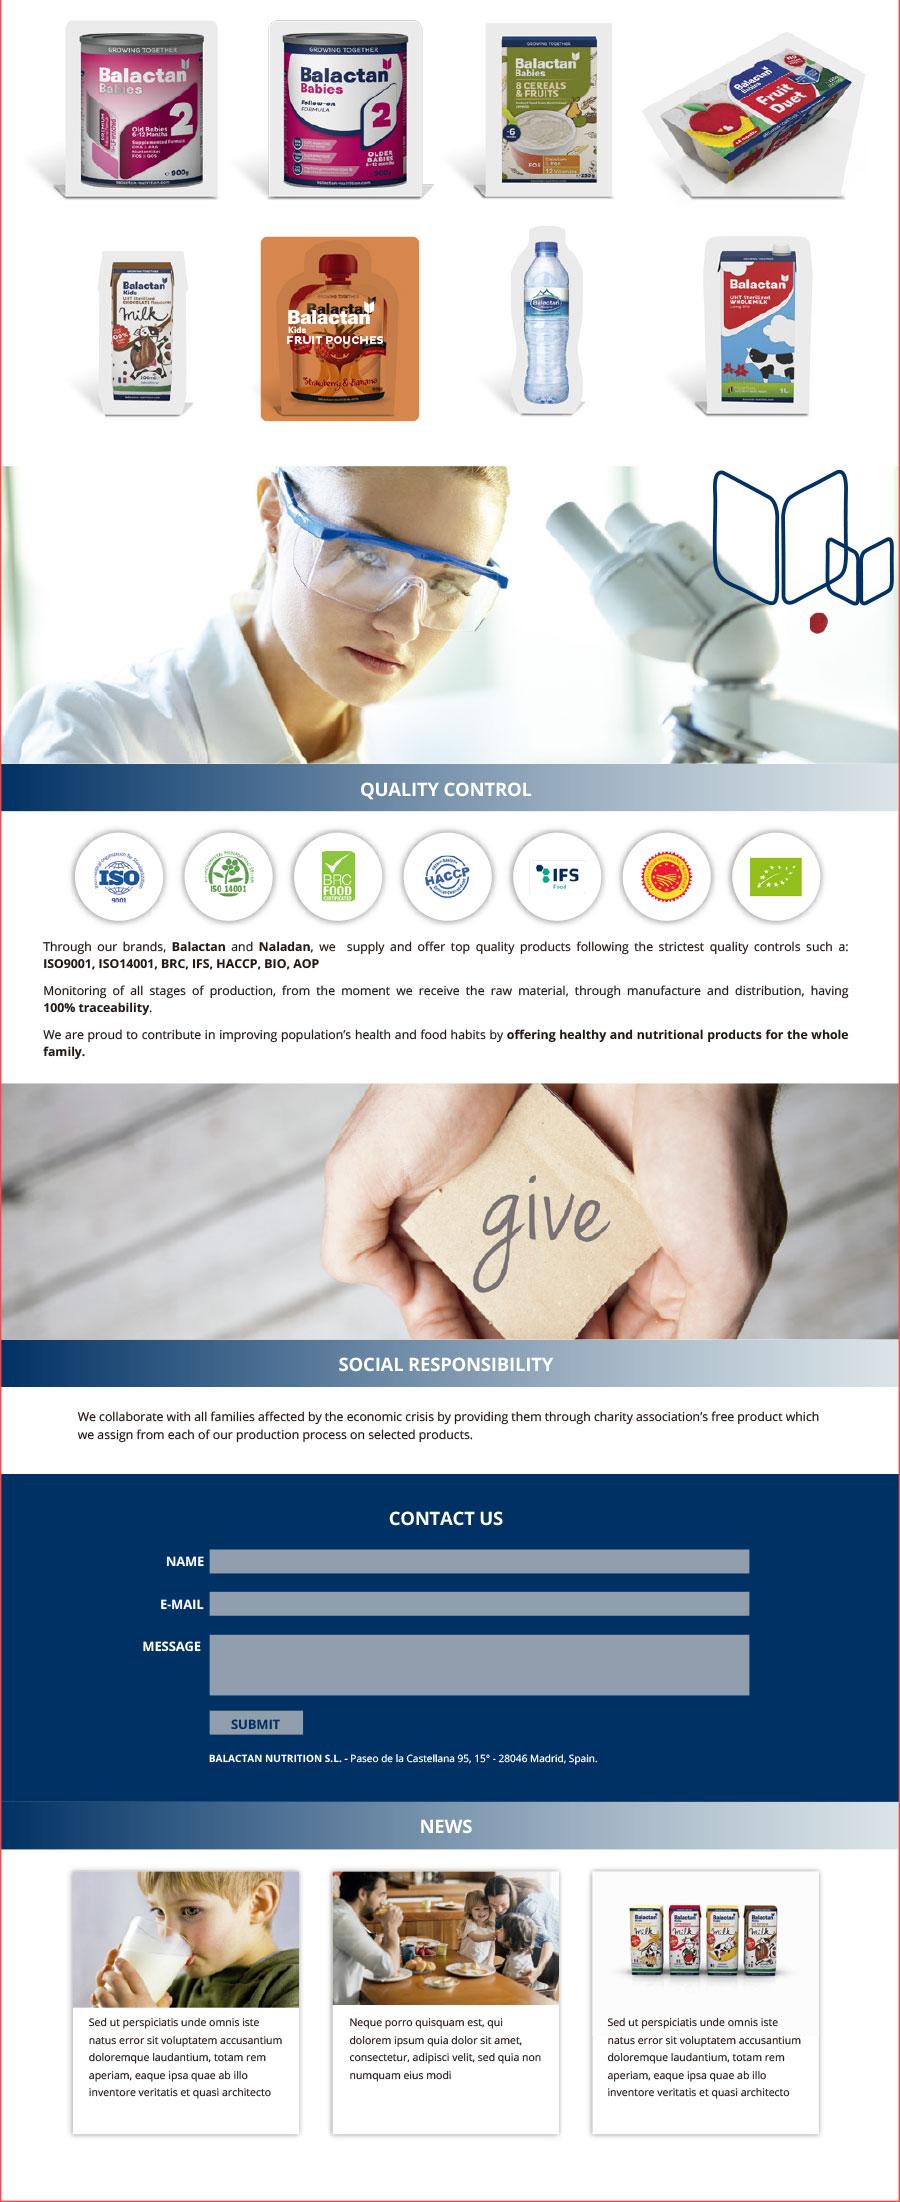 branding y packaging_alimentación infantil_diseño web_Balactan